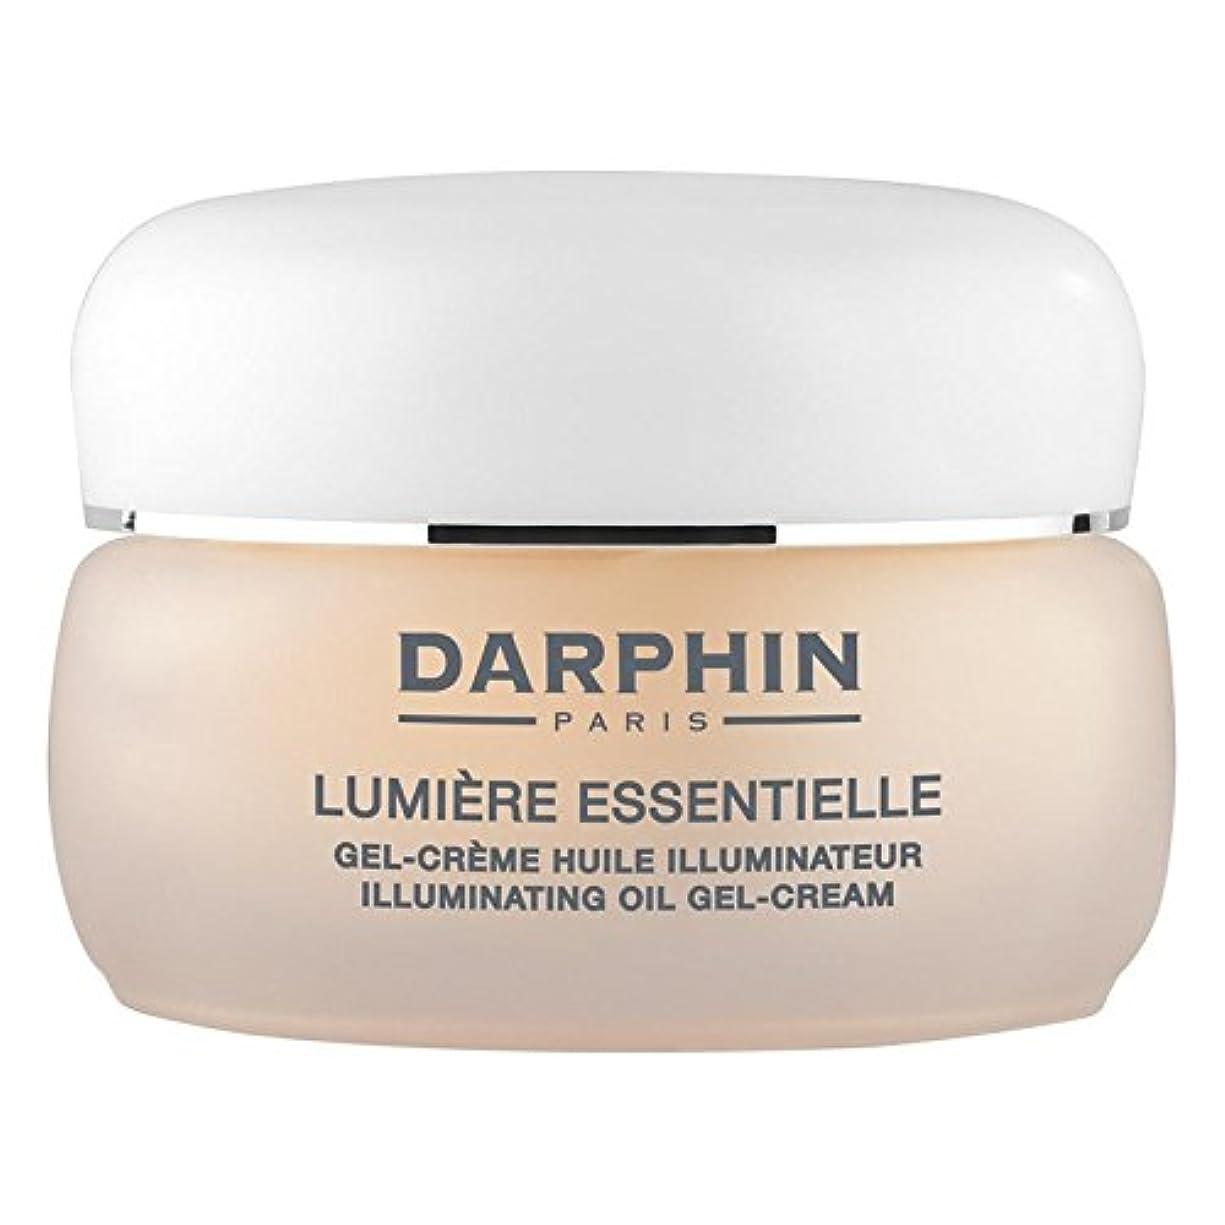 知覚ハンマー発生器ダルファンリュミエールクリーム x2 - Darphin Lumiere Essentiell Cream (Pack of 2) [並行輸入品]